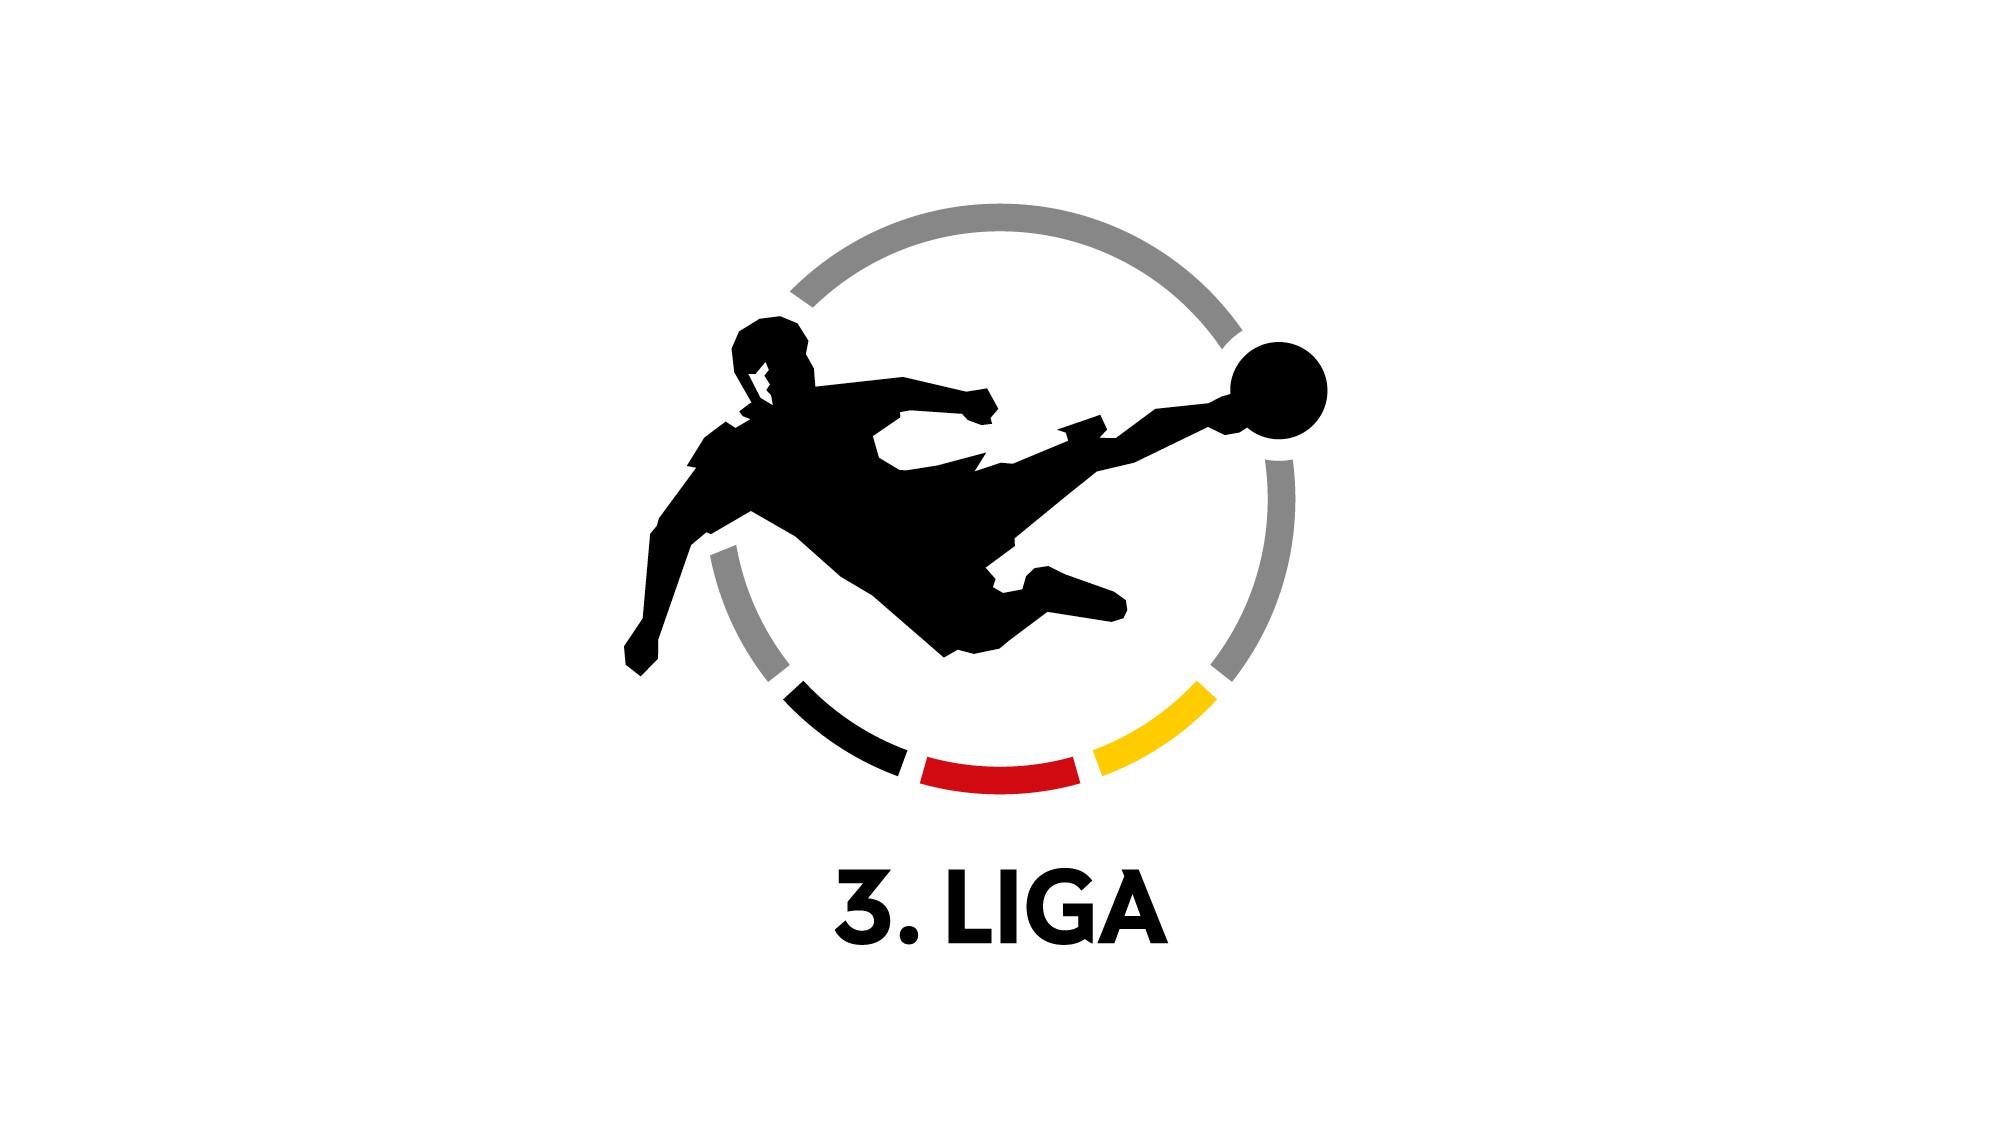 Bundesliga 3 liga